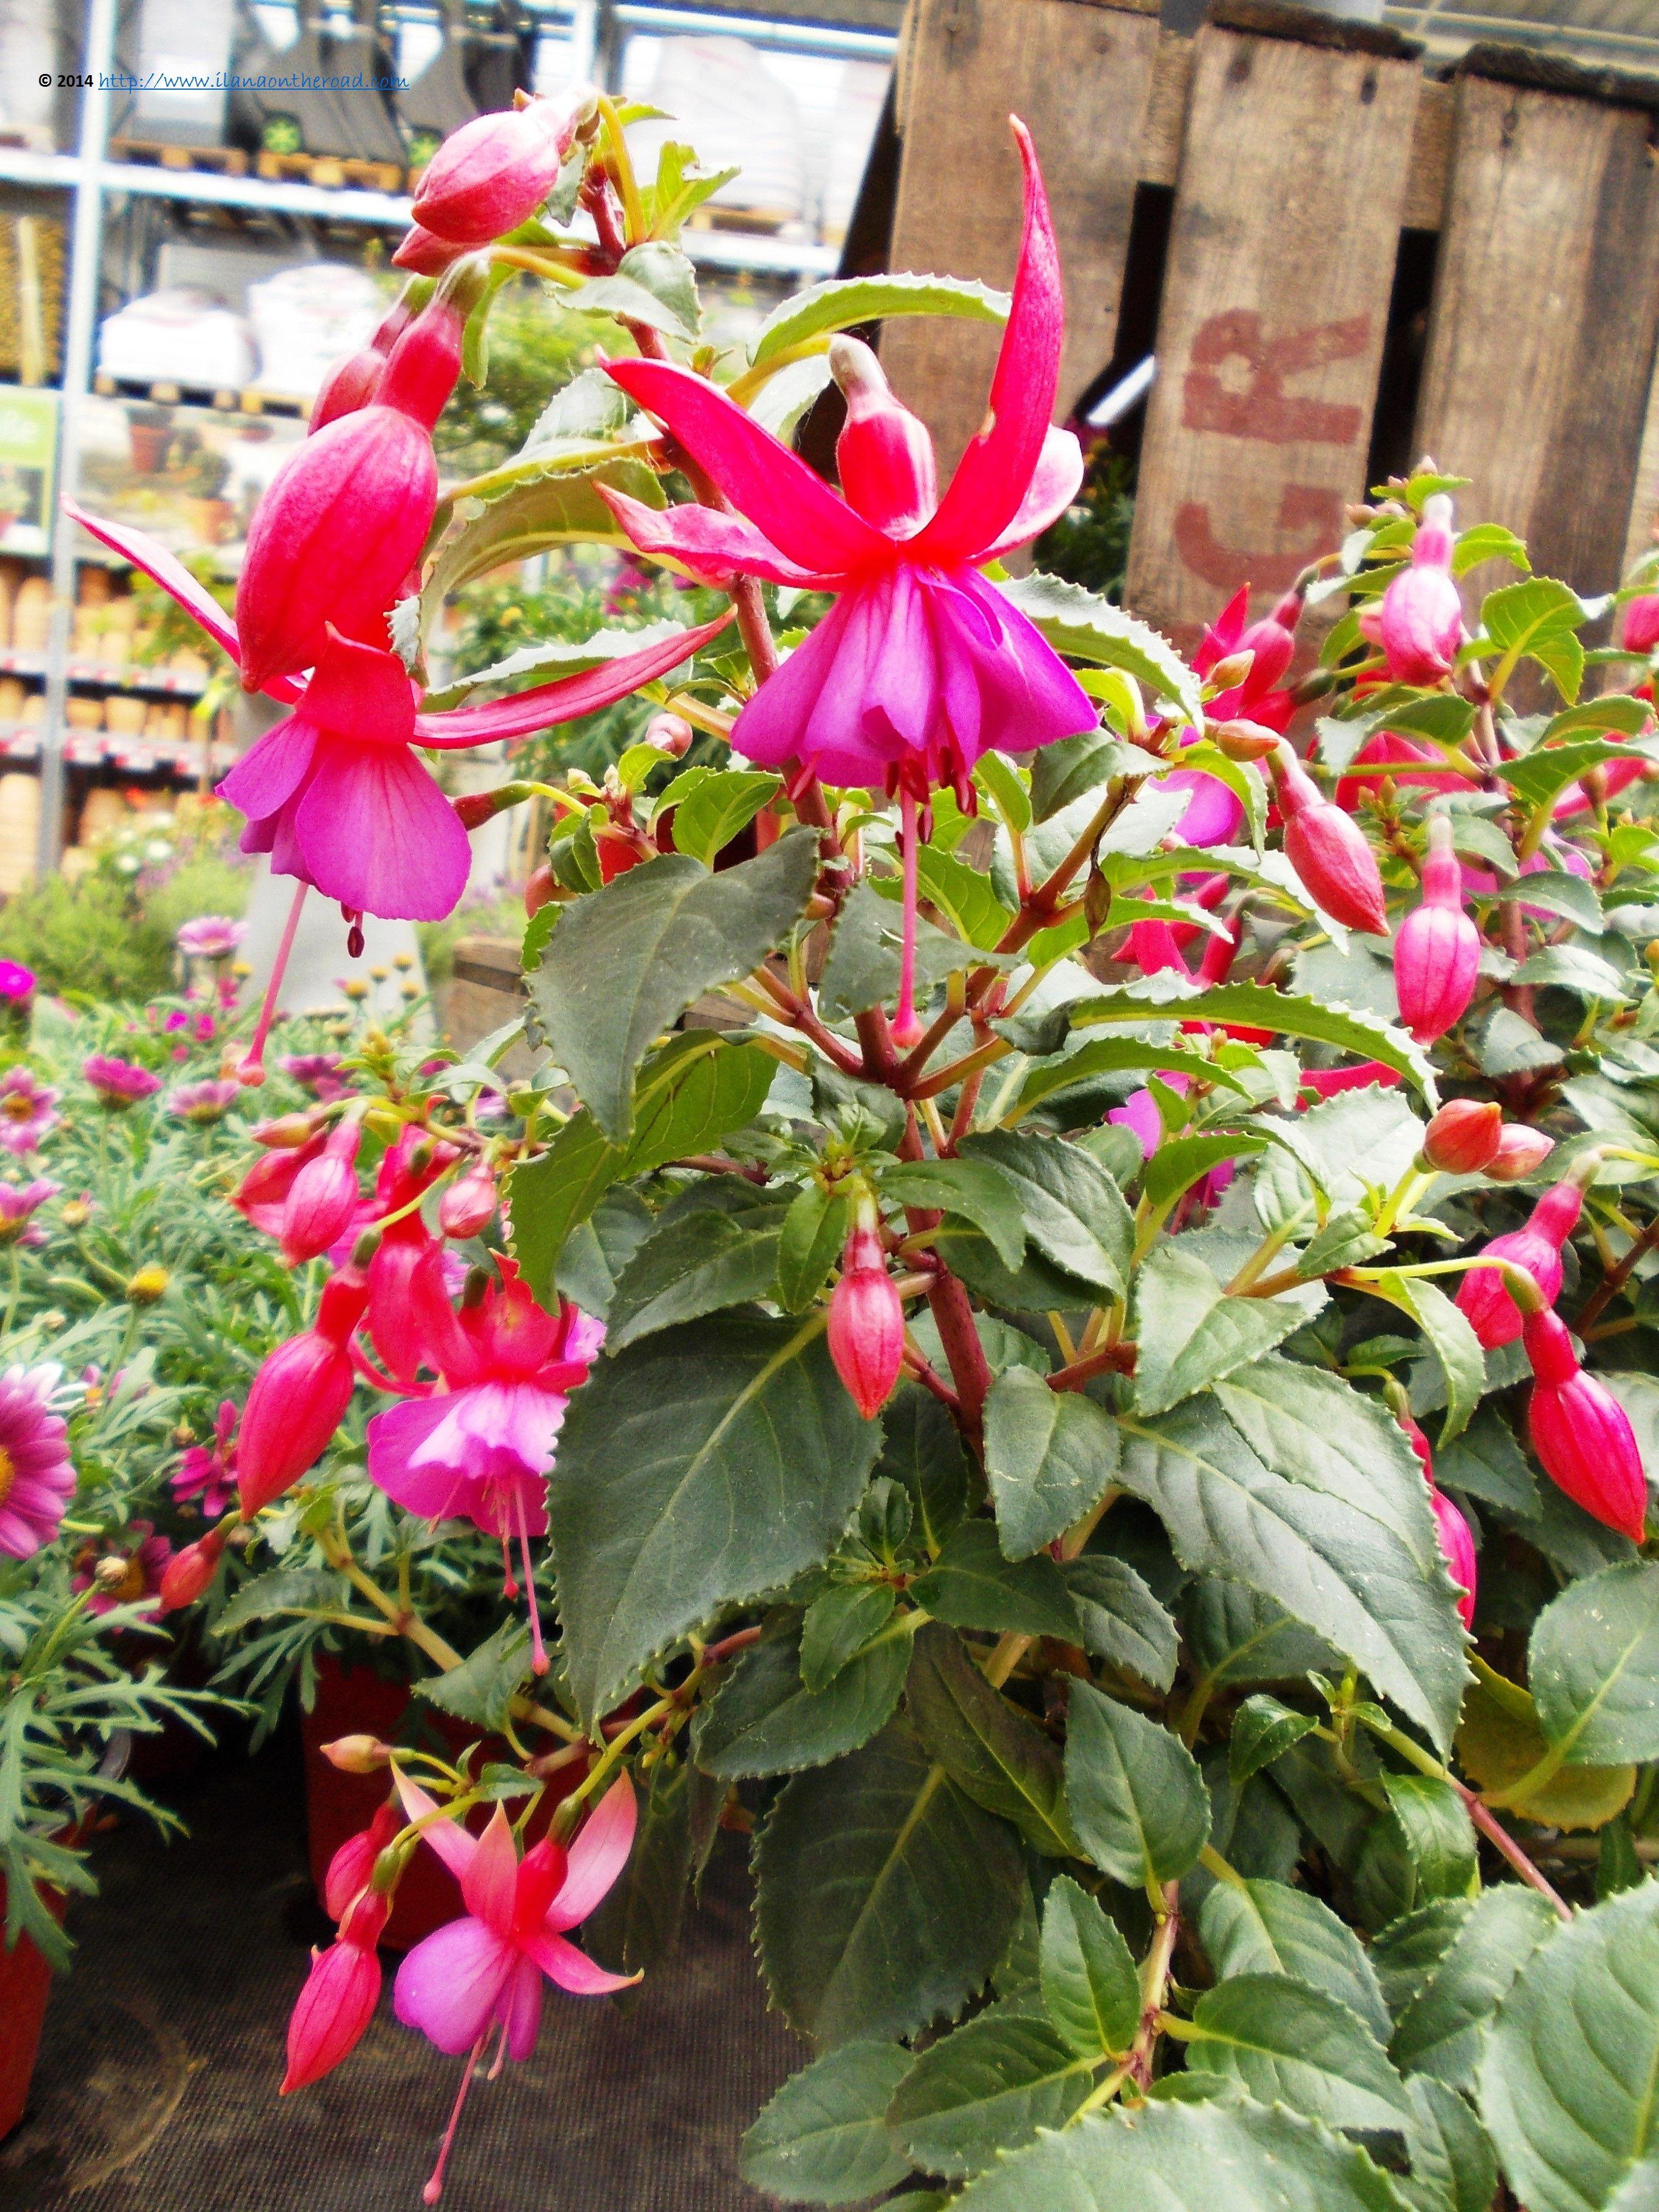 Beautiful spring flowers in Berlin | Flowers | Pinterest | Spring ...